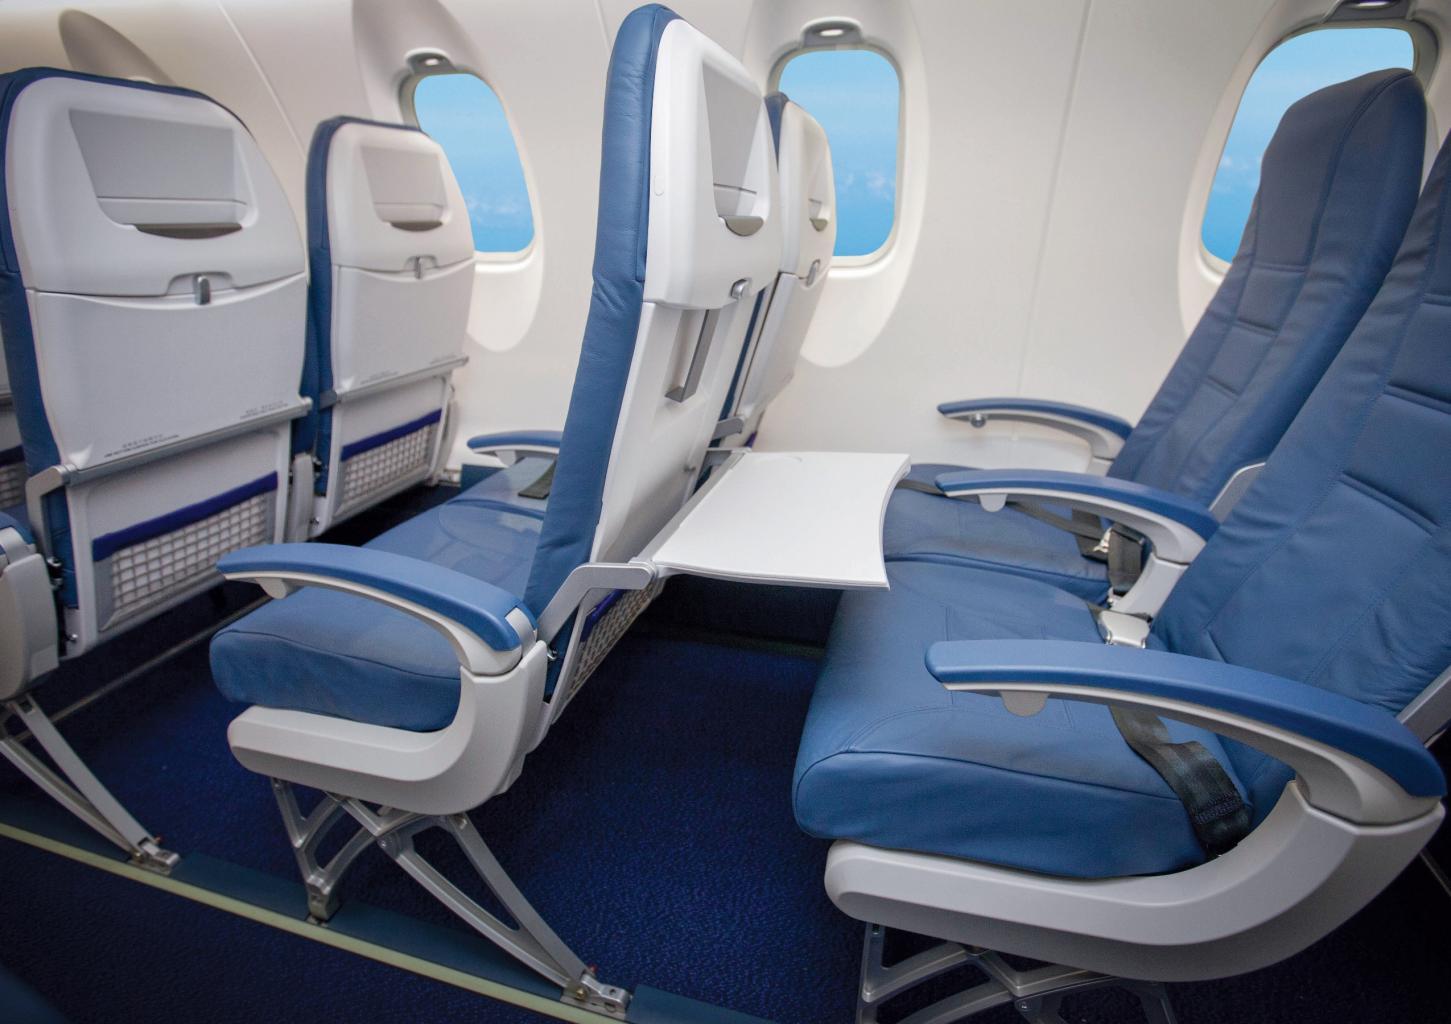 Kabin CRJ1000 dengan ruang kaki cukup lapang dan ruang penyimpanan luas.